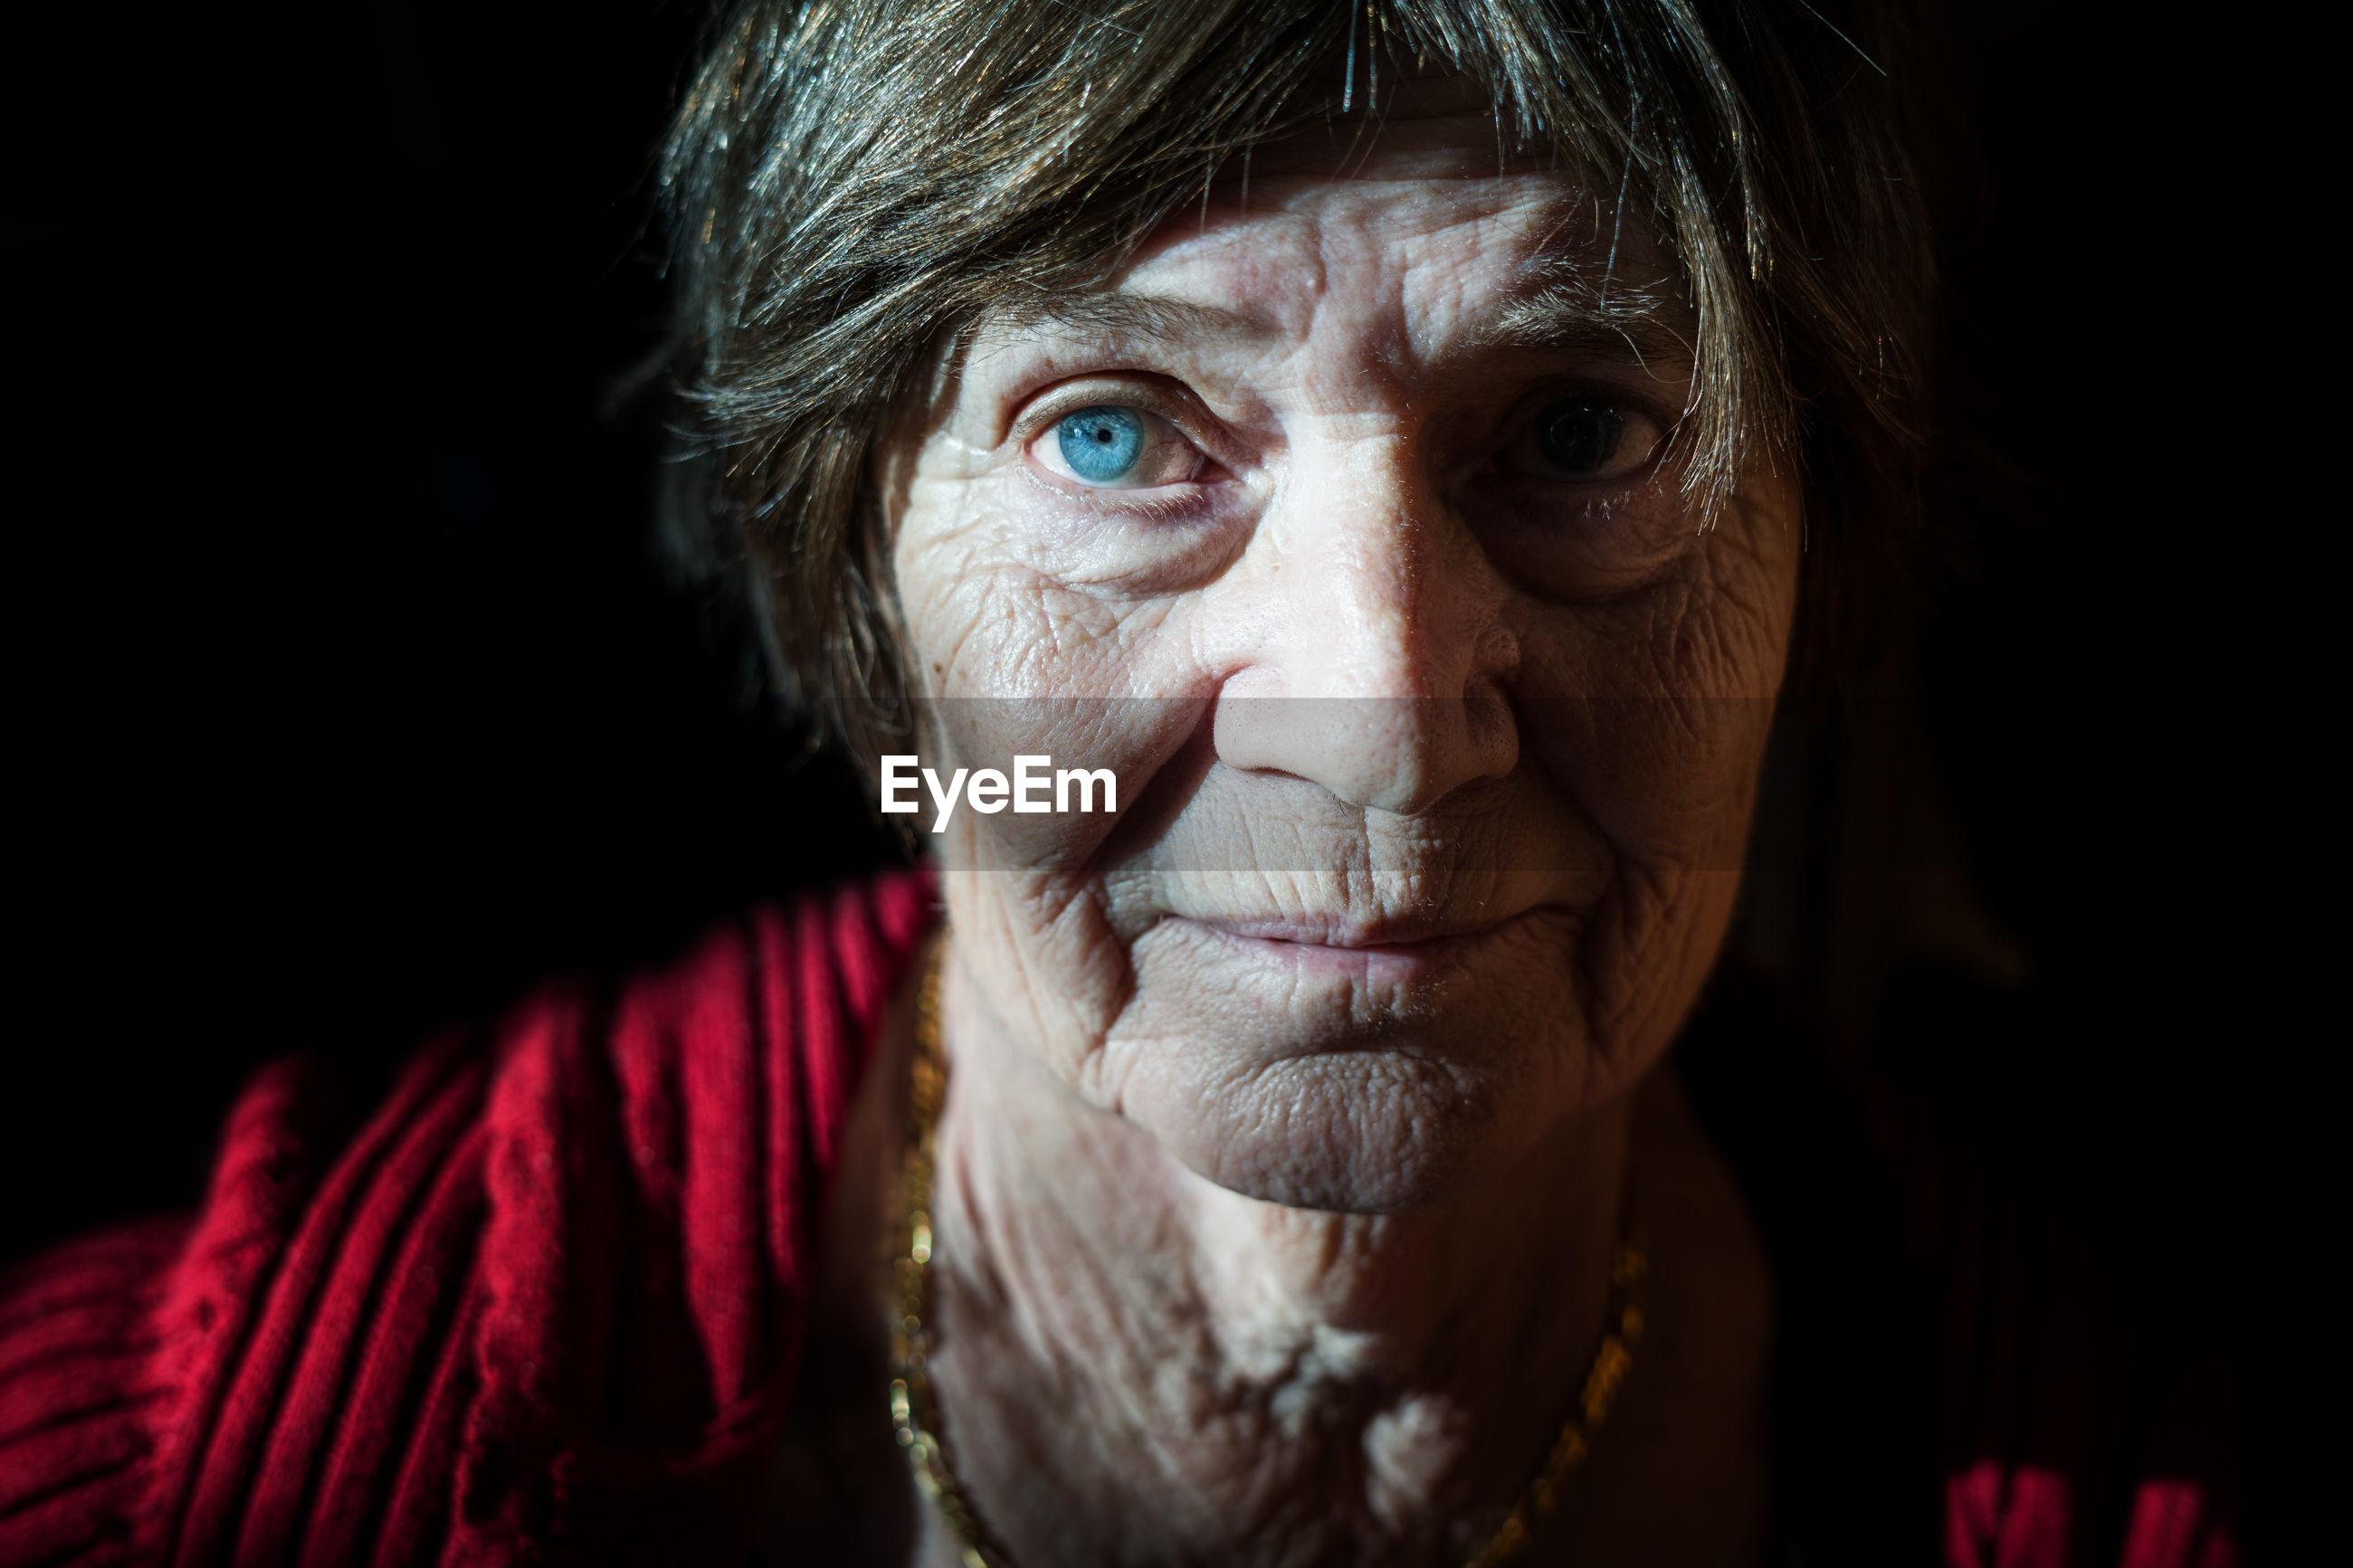 Close-up portrait of senior woman against black background